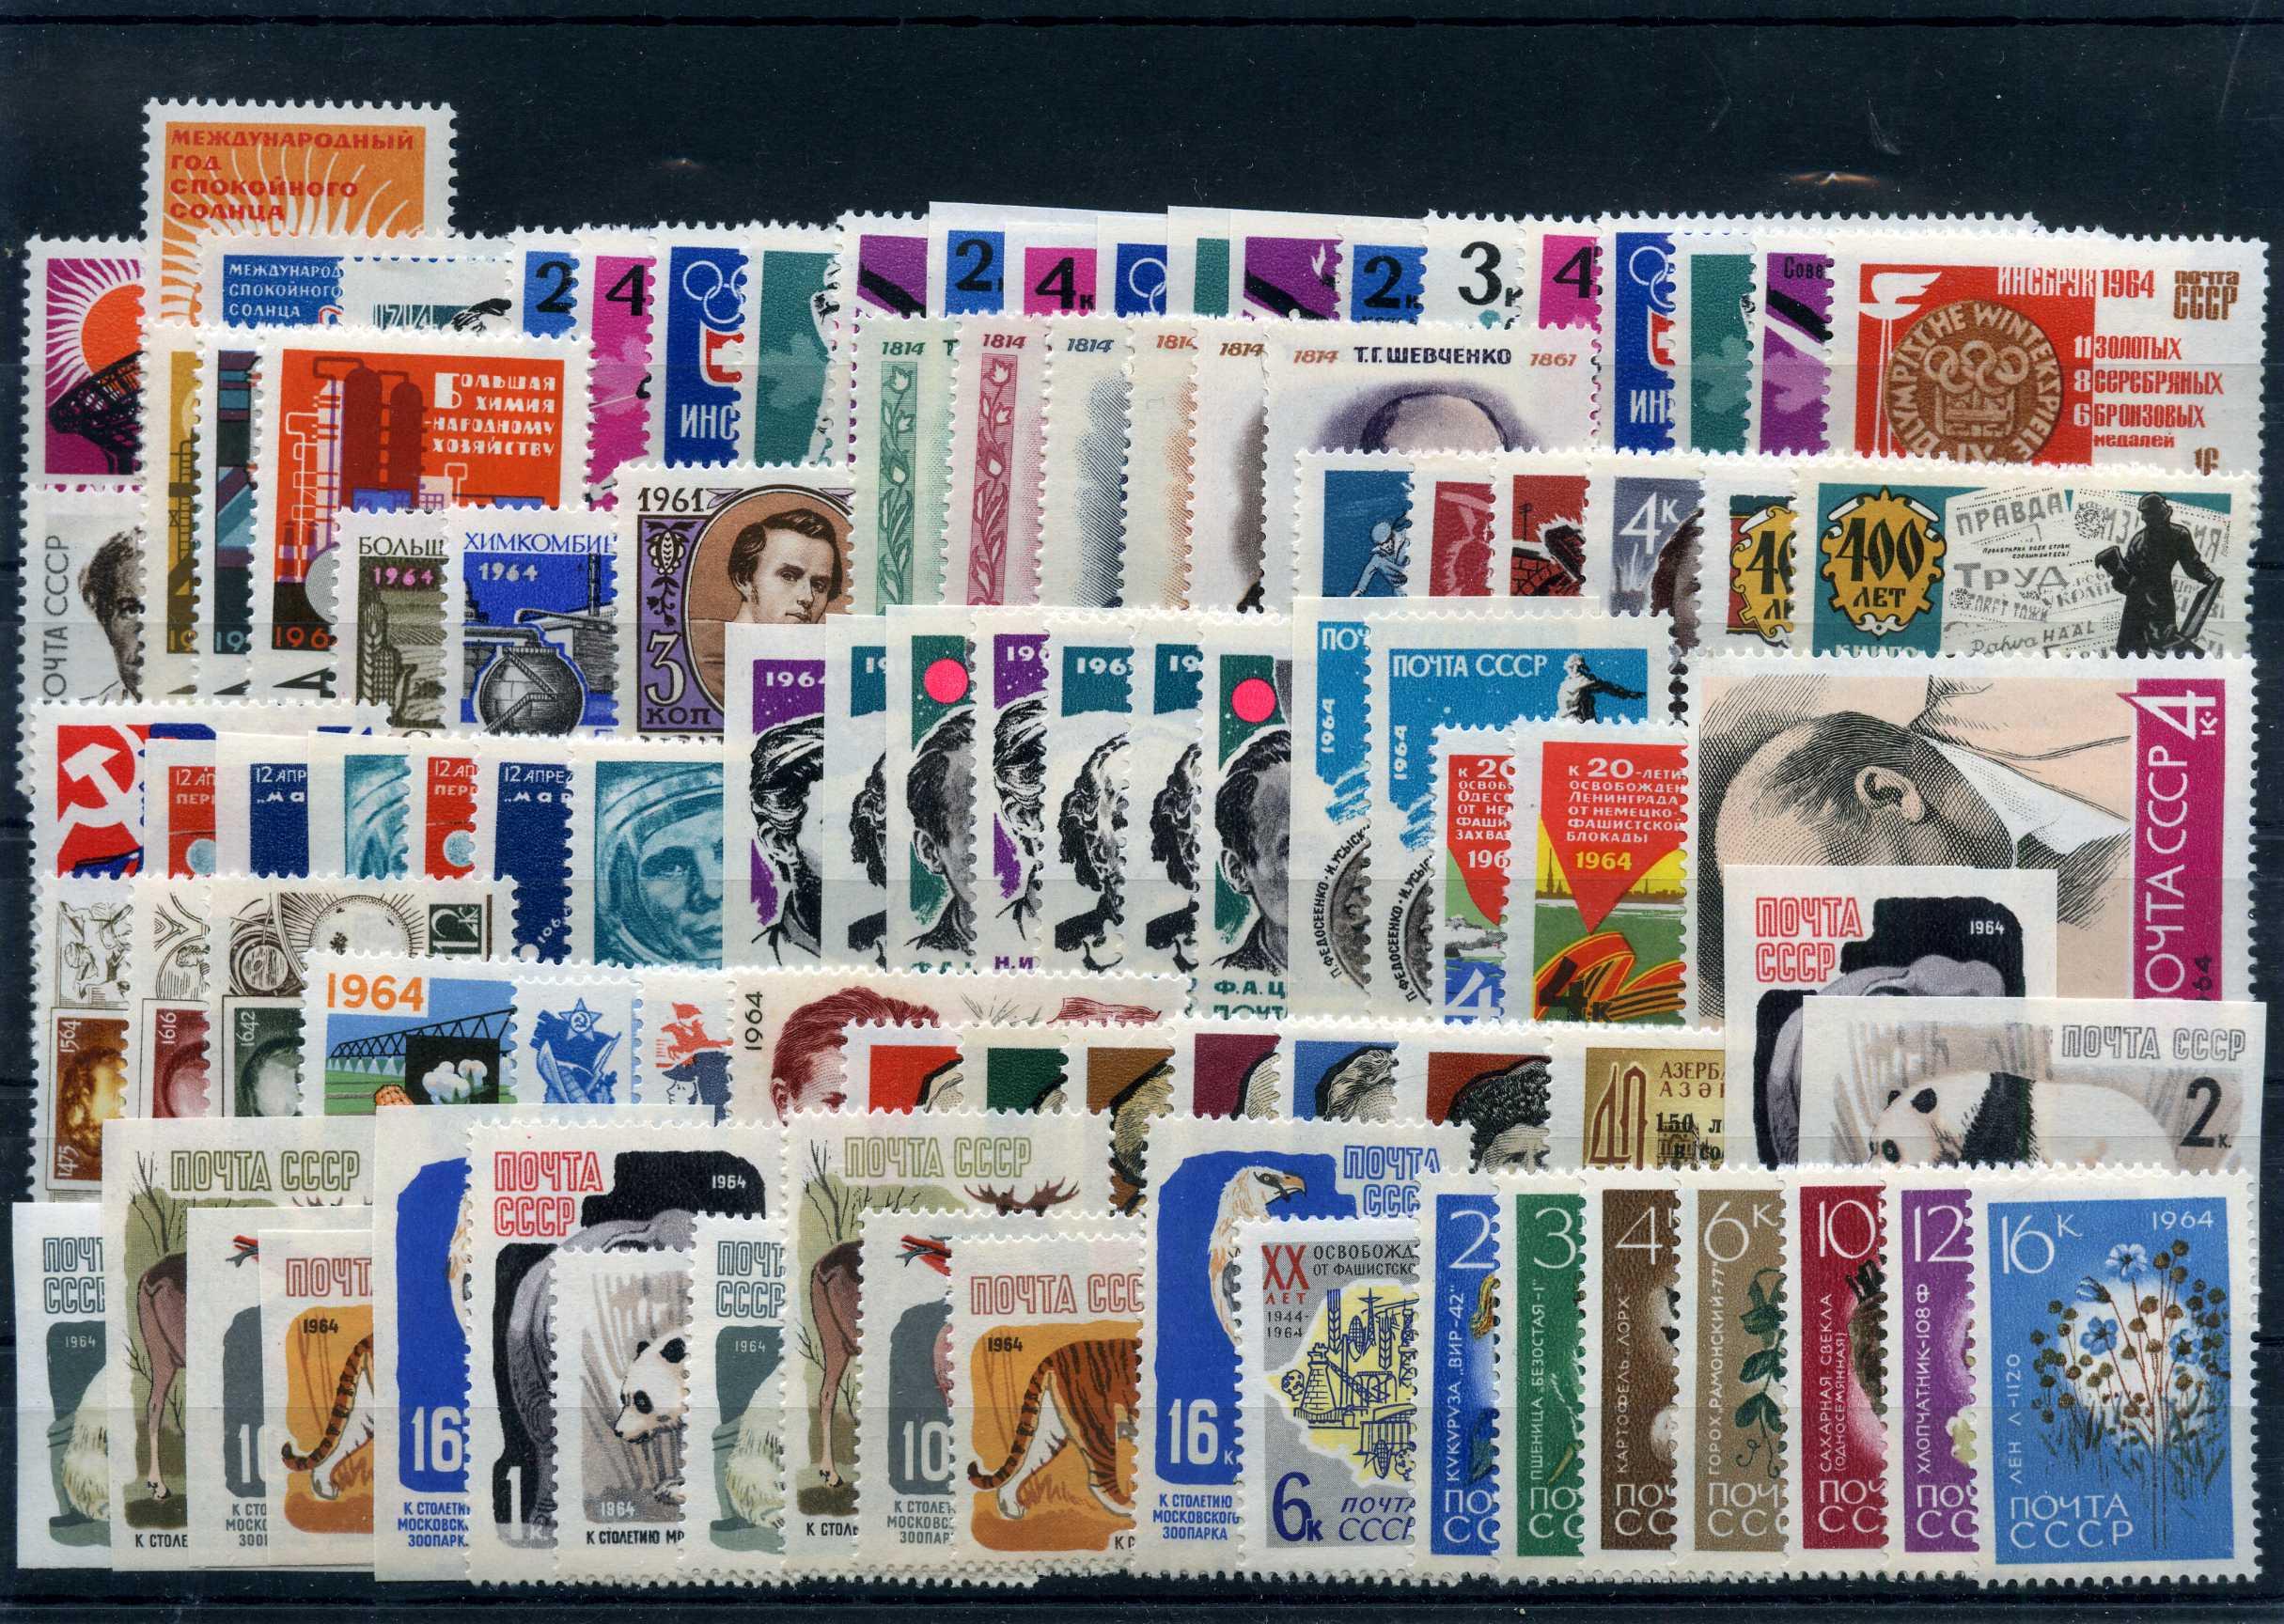 Годовой набор почтовых марок СССР 1964 год, 165 почтовых марок, 6 почтовых блоков